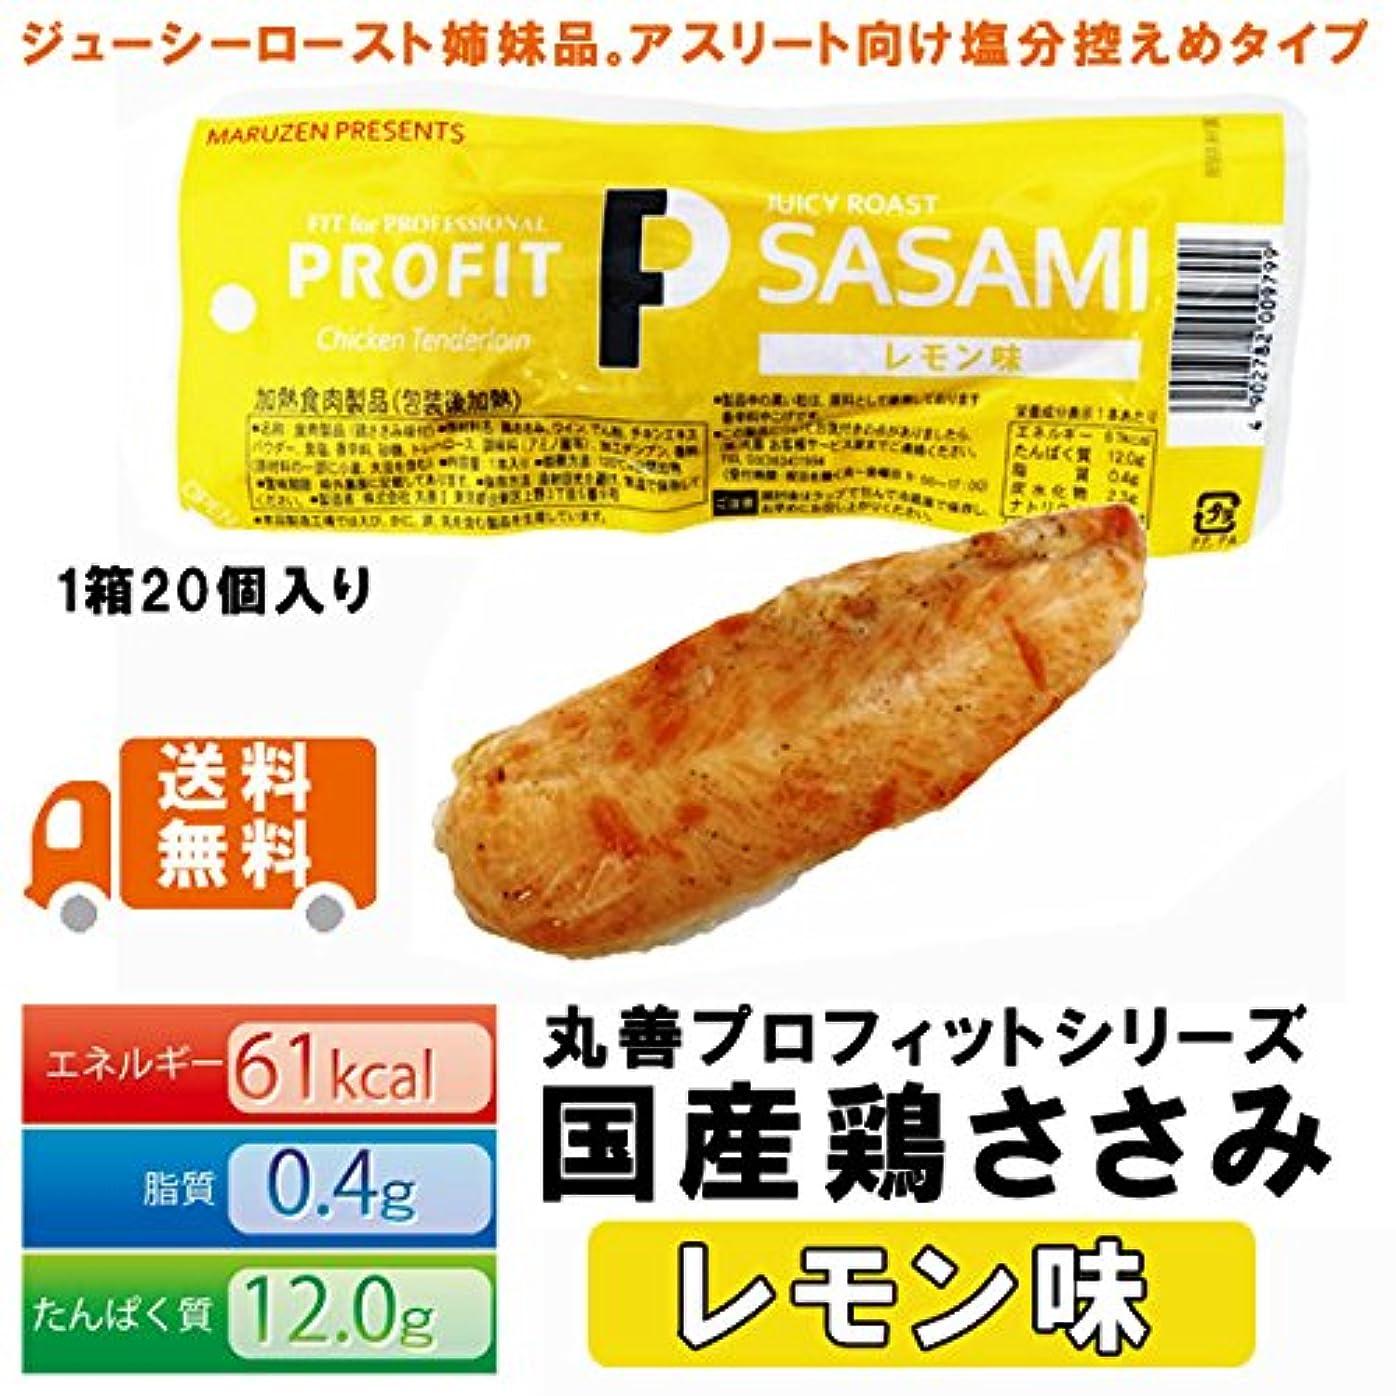 アコードバンドアコード丸善 PRO-FIT プロフィットささみ 鶏ささみ レモン味 1箱20本入り